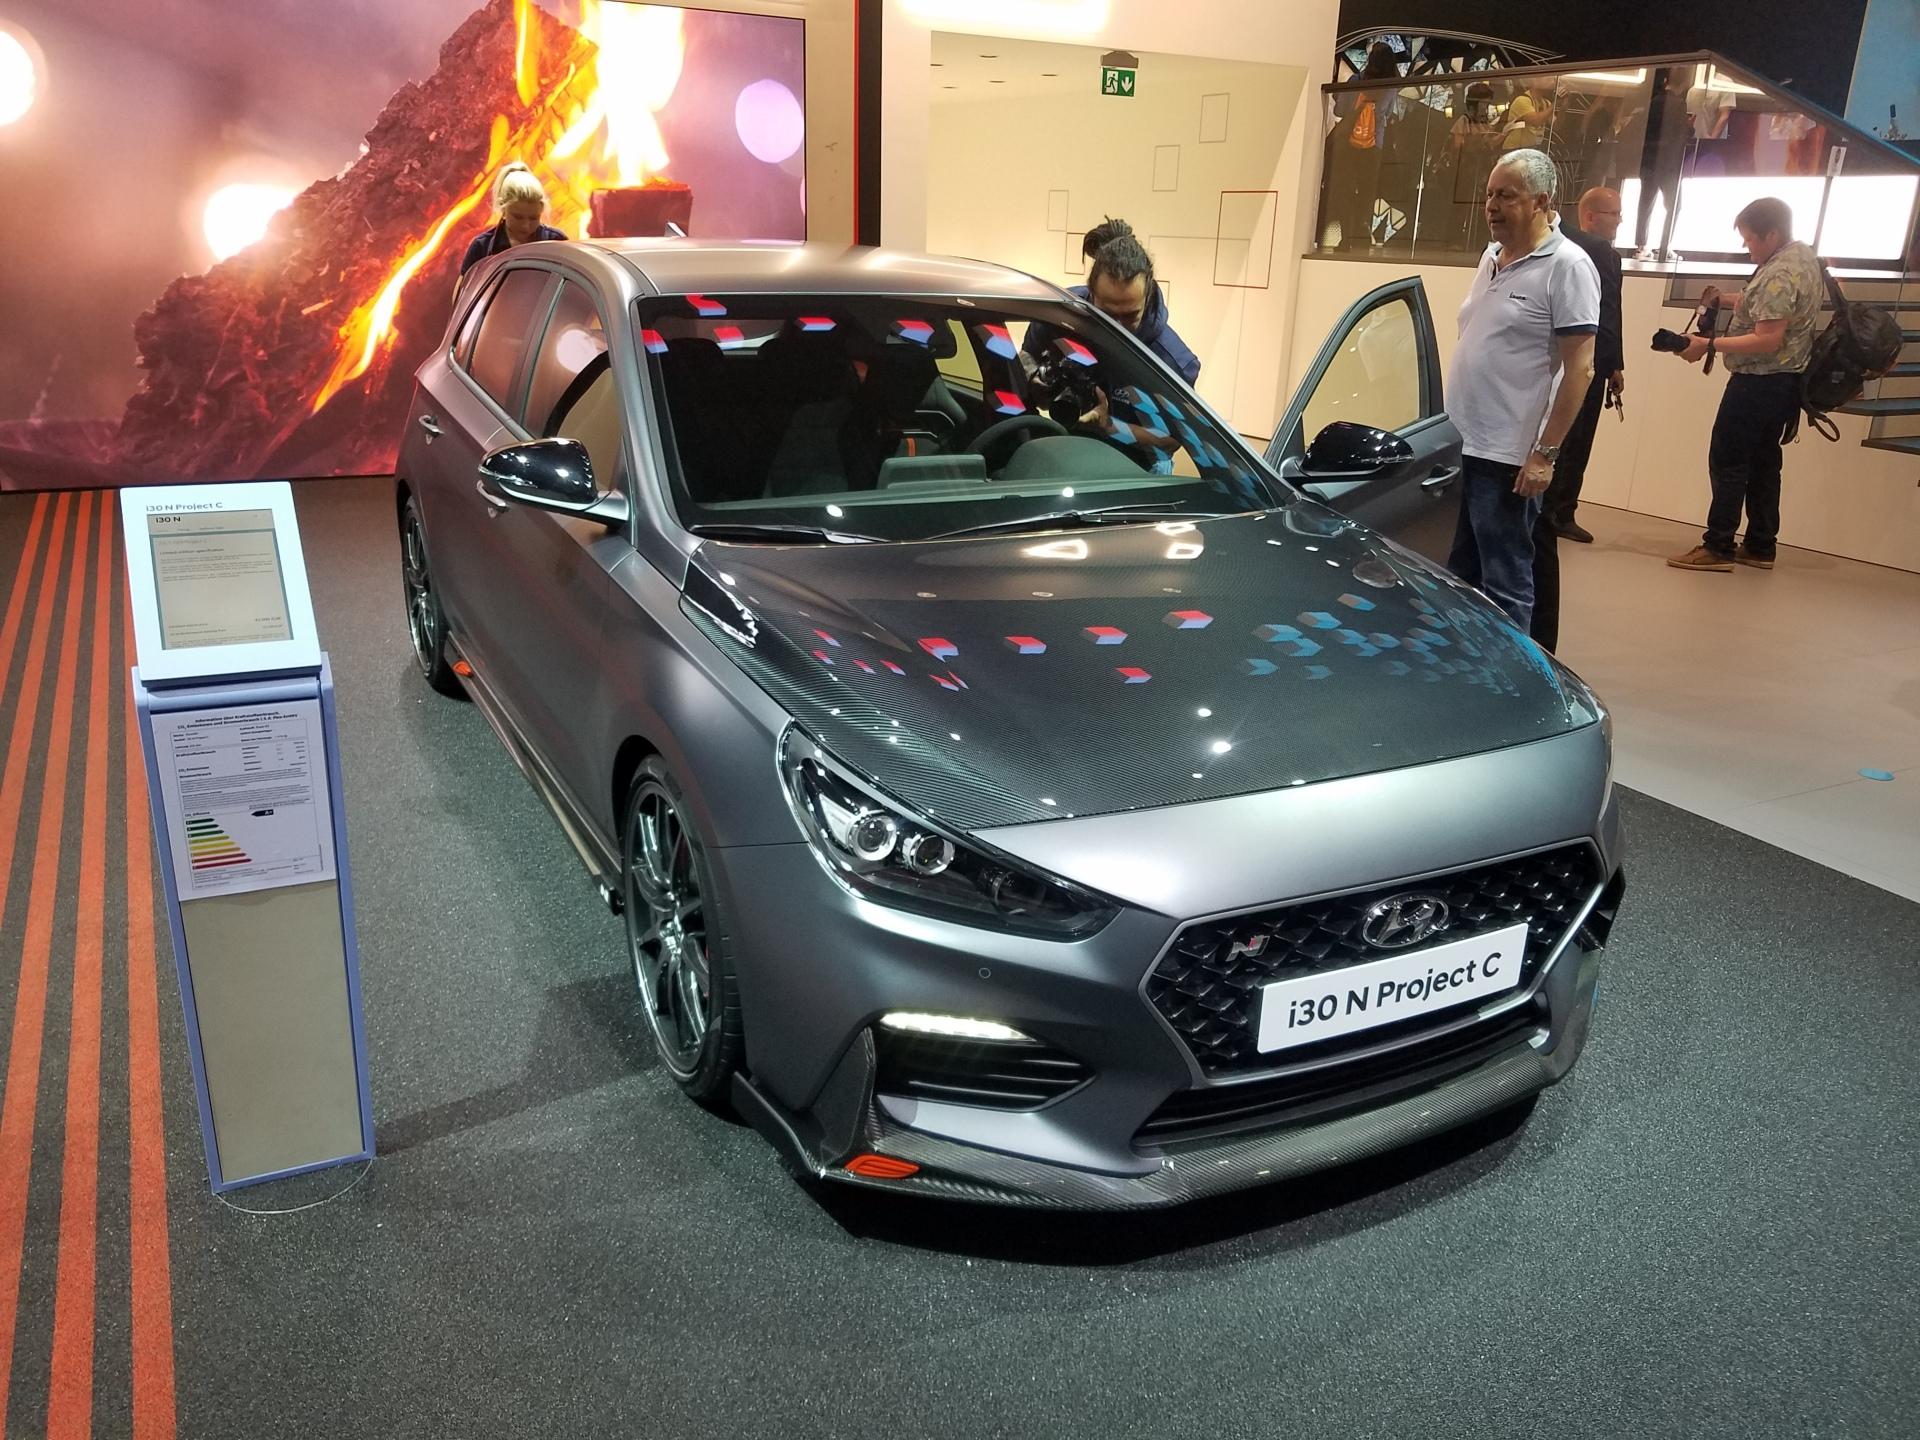 Hyundai i30 N Project C : uniquement pour l'Allemagne